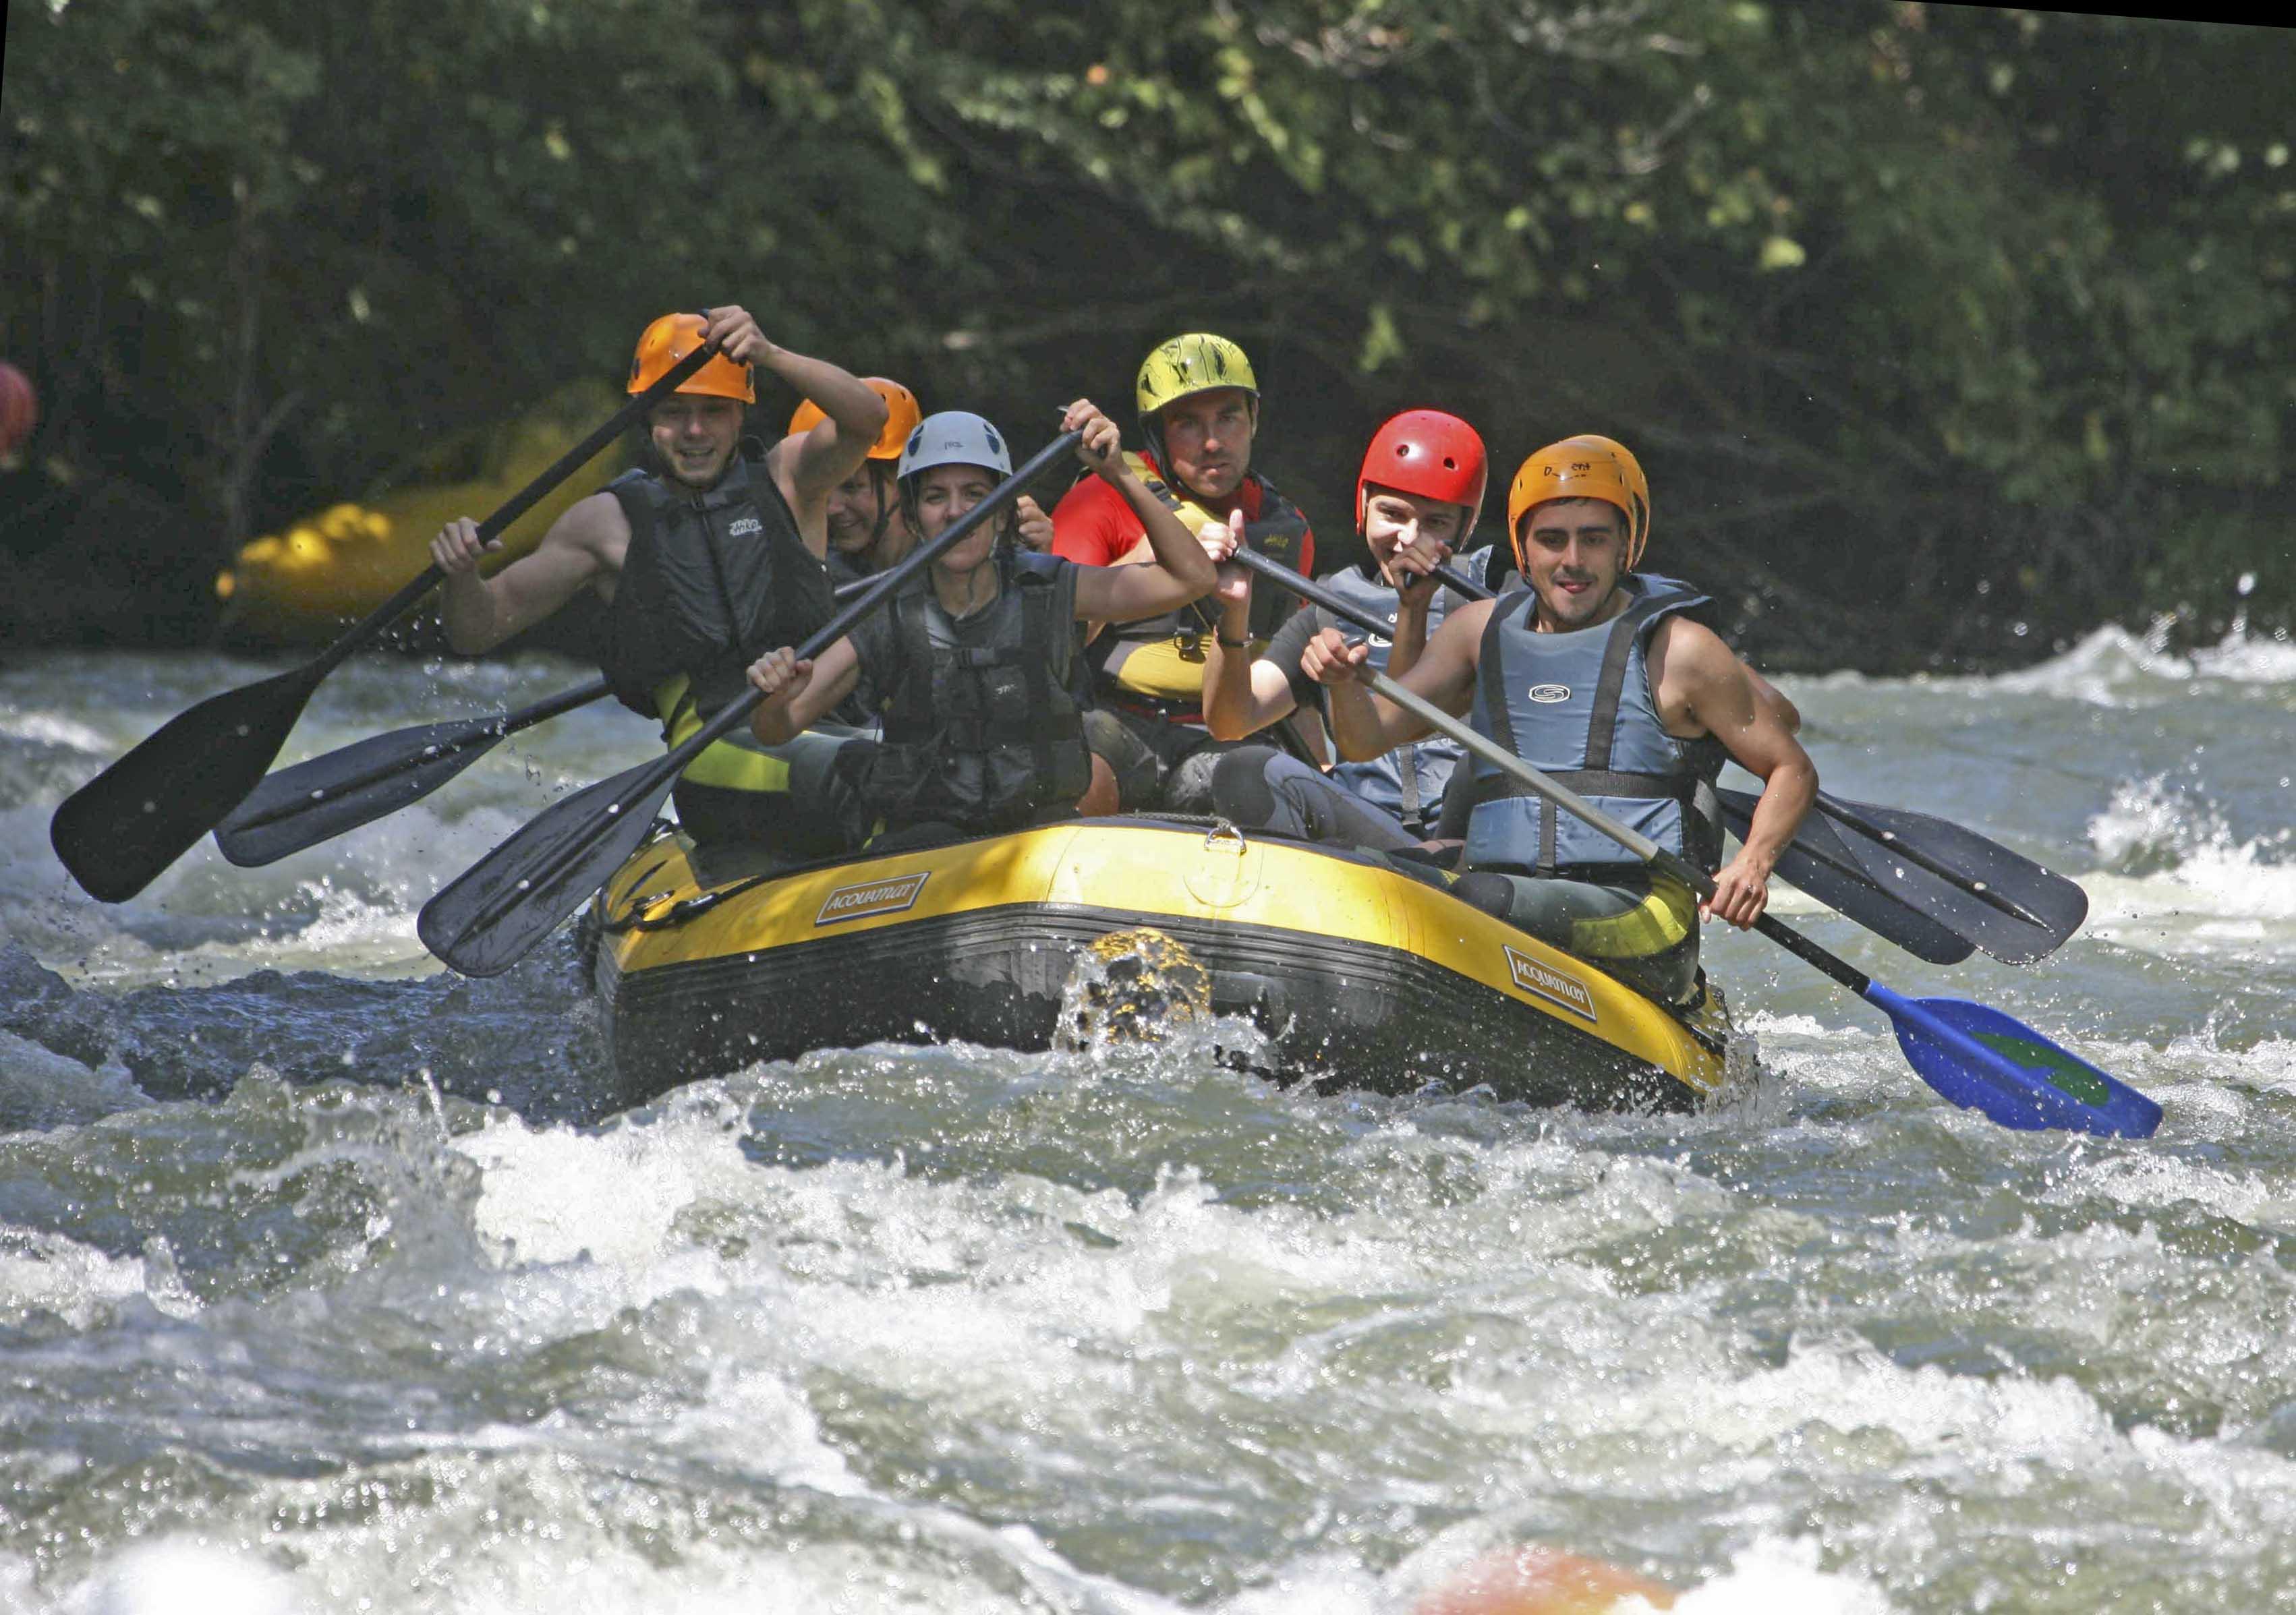 actividades-rafting-sella-asturias-2